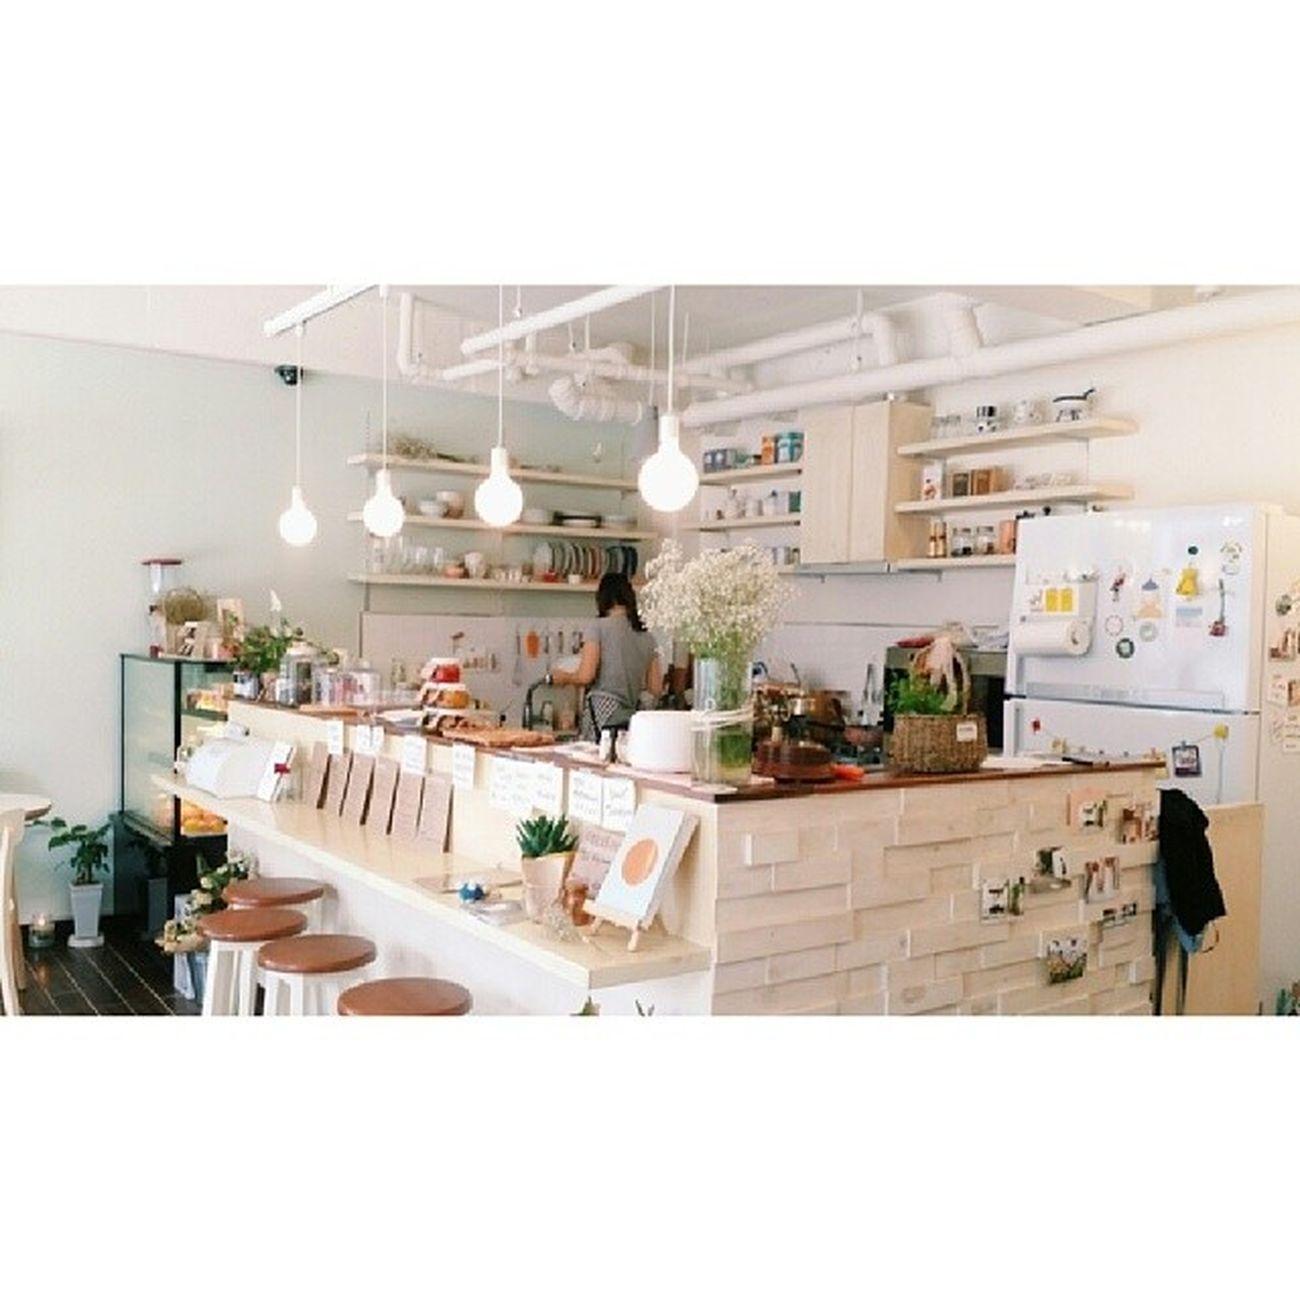 0619 다정한오후 한성대입구역 서울카페 동소문로카페 성북구카페 성북카페 레몬타르트 아메 나른한오후같은 카페에욤??